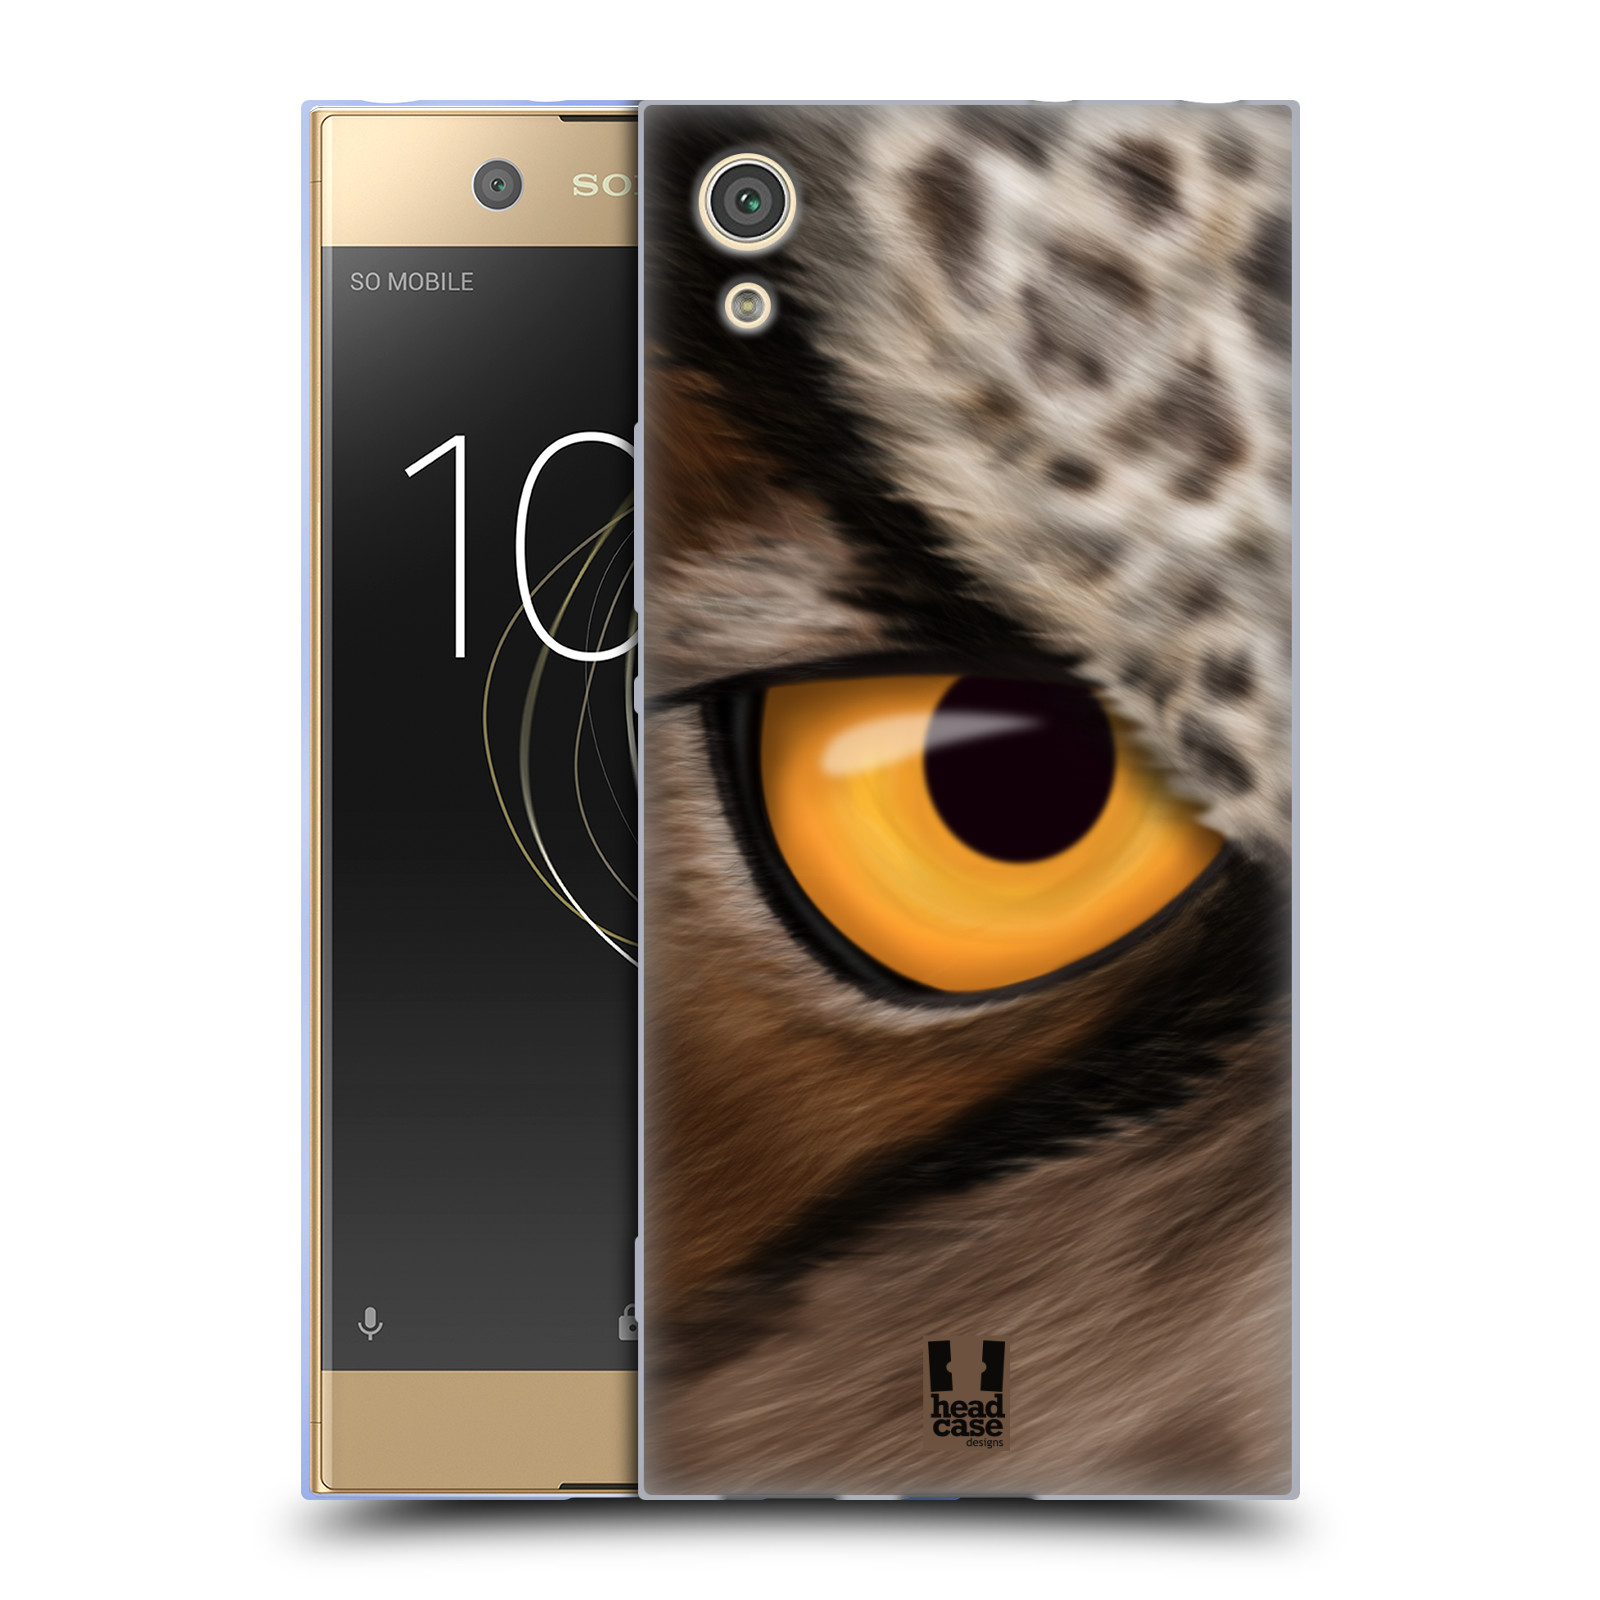 HEAD CASE silikonový obal na mobil Sony Xperia XA1 / XA1 DUAL SIM vzor pohled zvířete oko sova